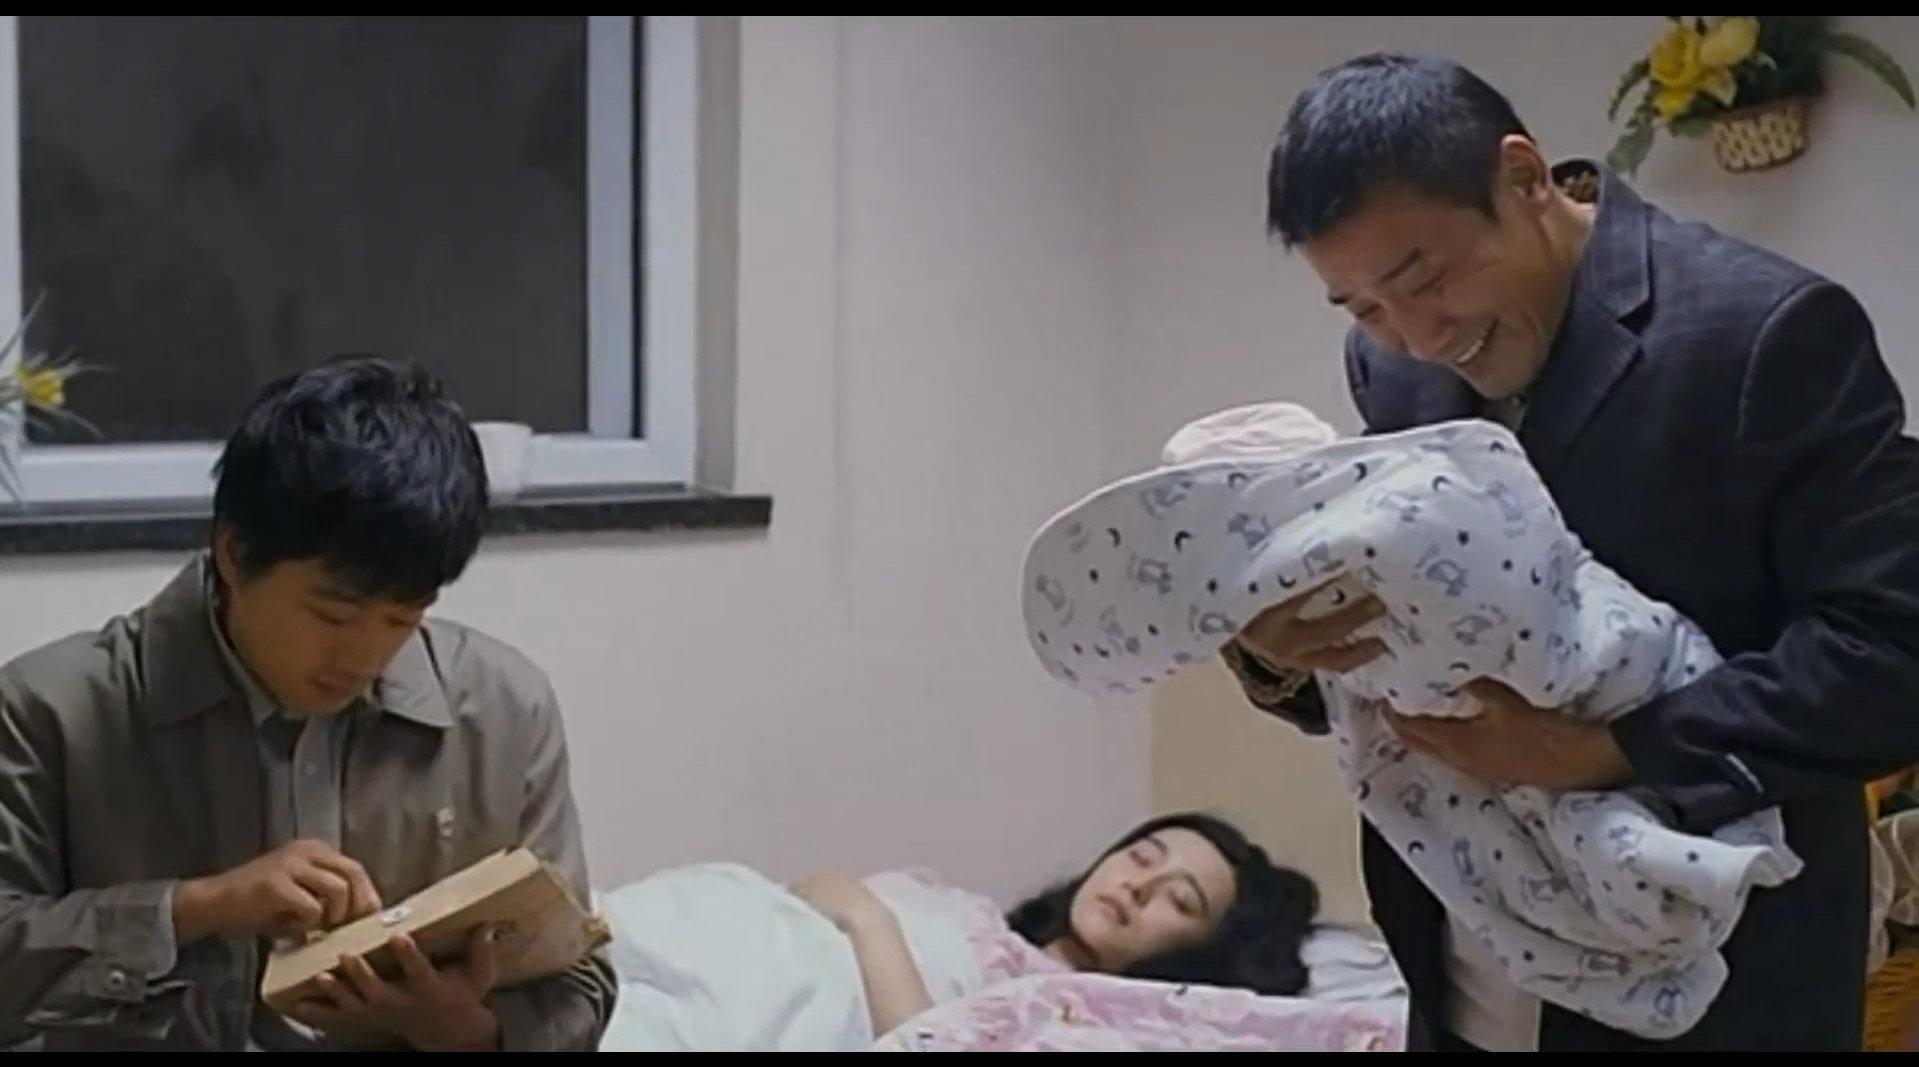 《苹果》,被禁的华语好片。利用大尺度包装……